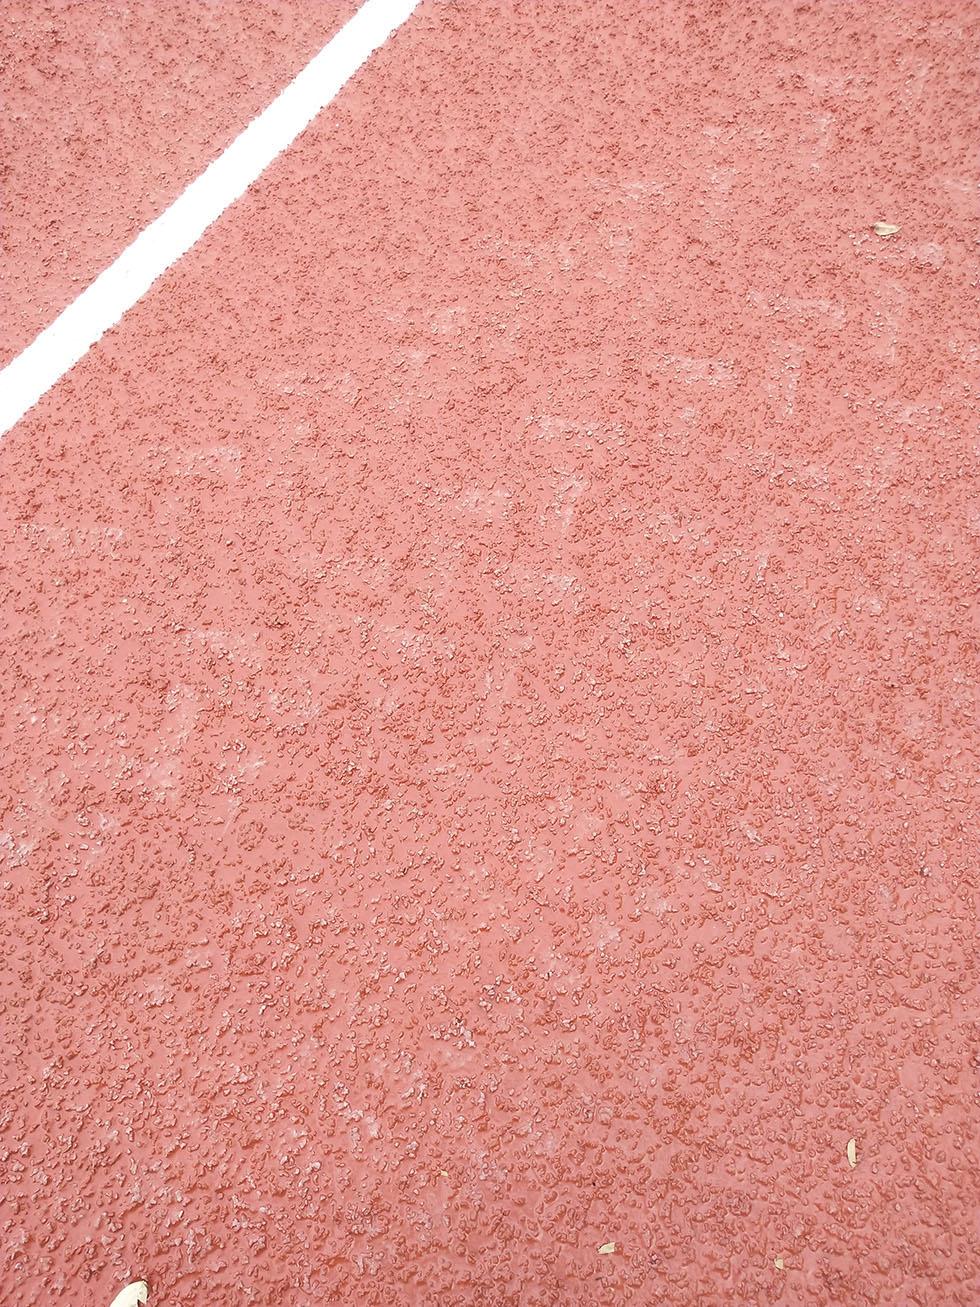 硅PU球场材料和丙烯酸材料的区别,塑胶球场材料如何选择